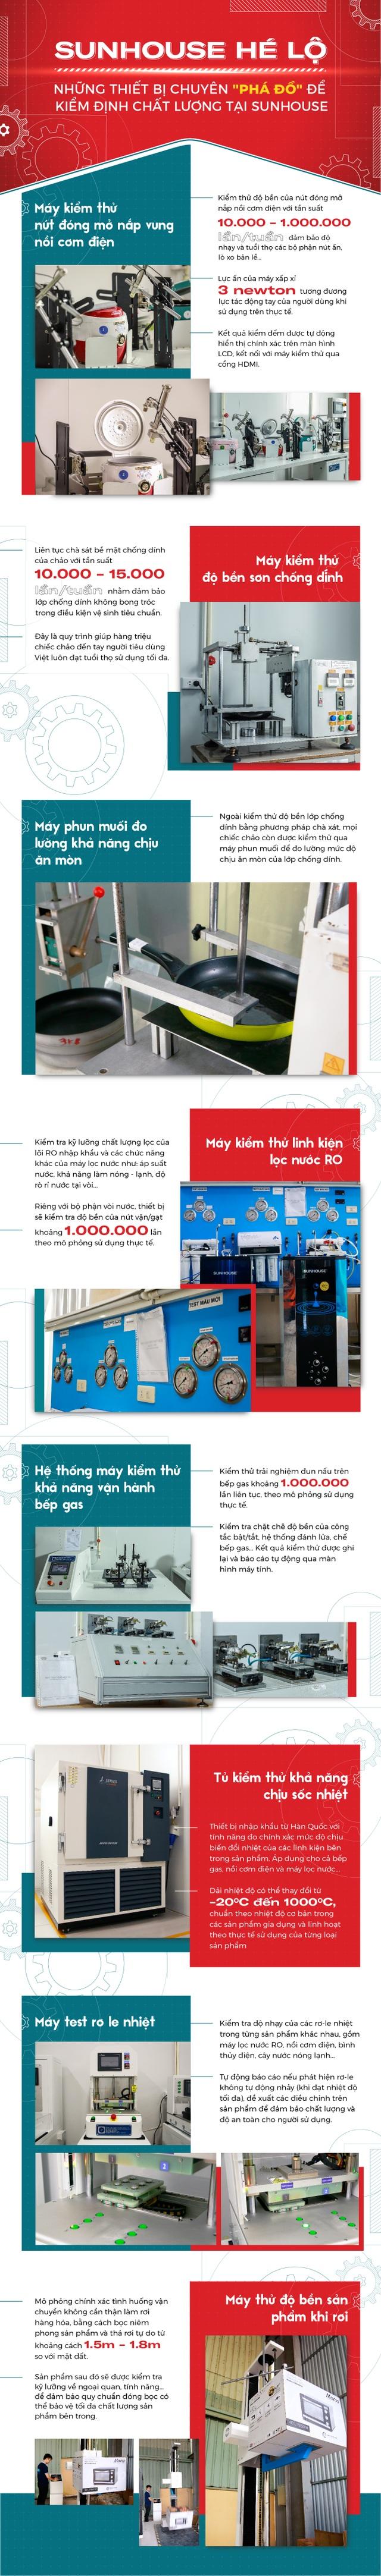 Mục sở thị những chiếc máy phá đồ đắt giá trên dây chuyền kiểm tra chất lượng sản phẩm Sunhouse - 1